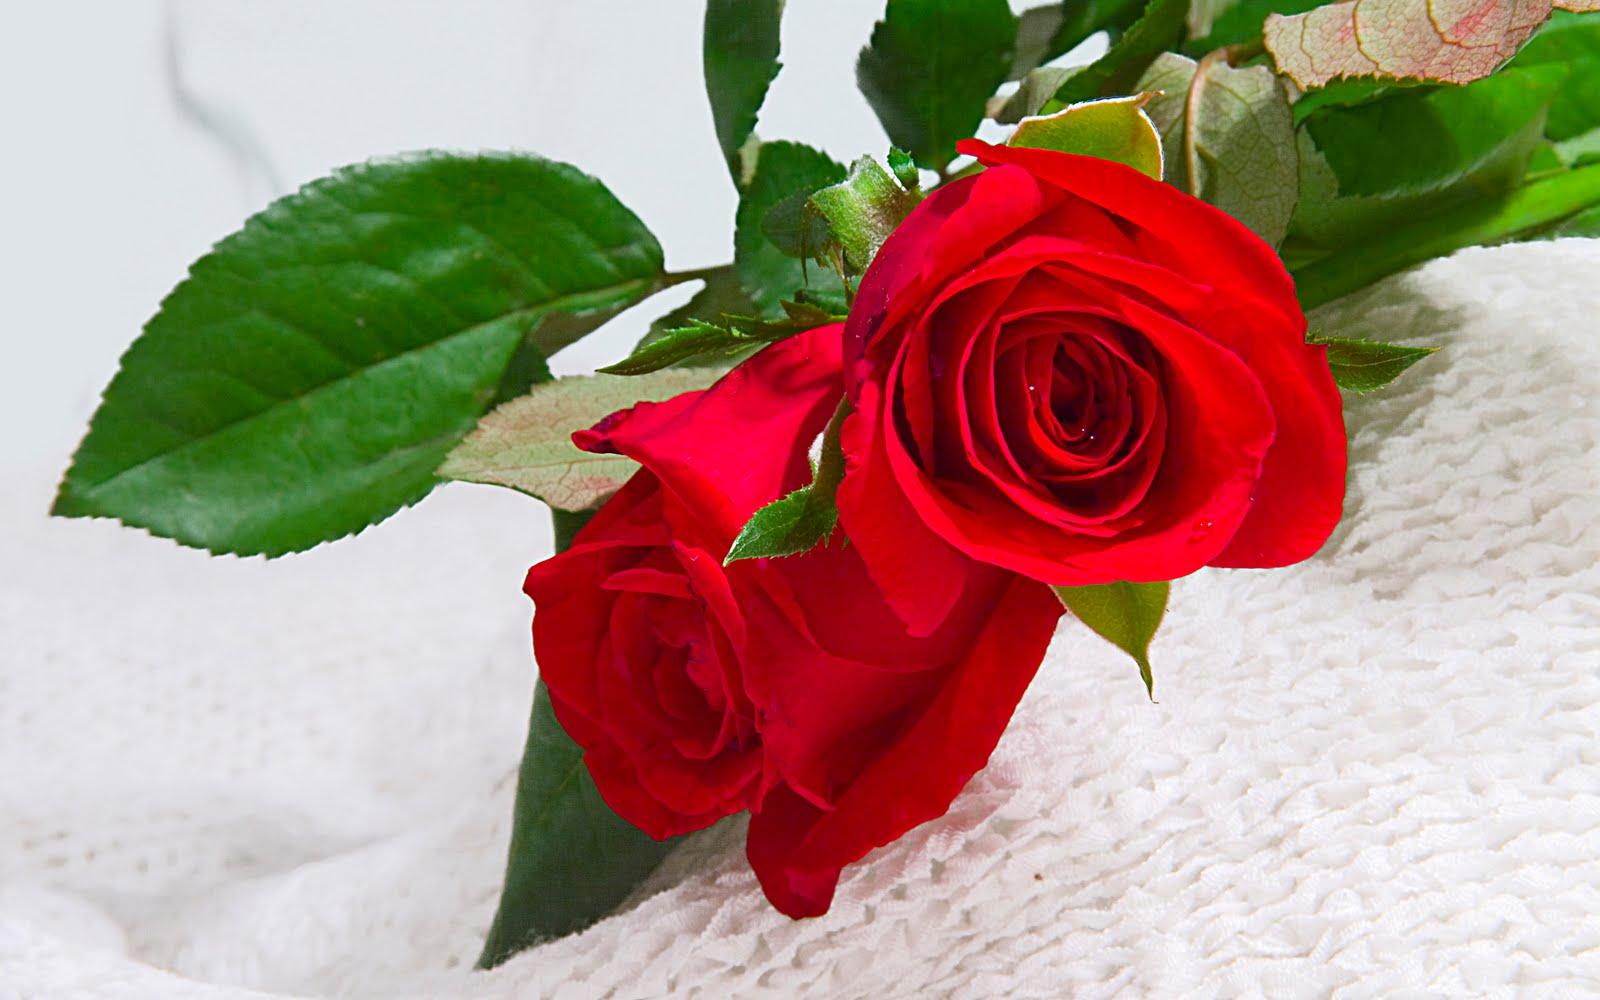 две красных розы, скачать фото, обои для рабочего стола